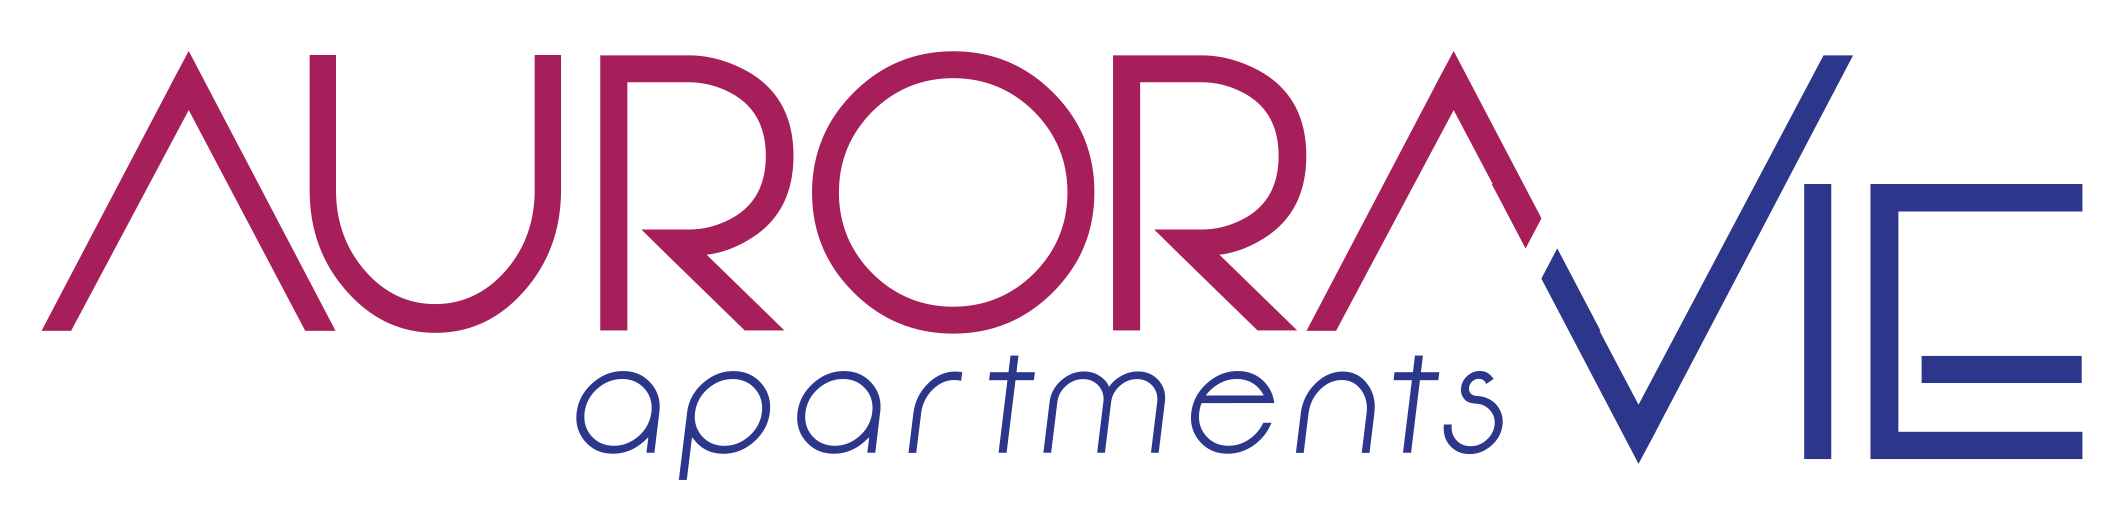 Auroravie Apartments